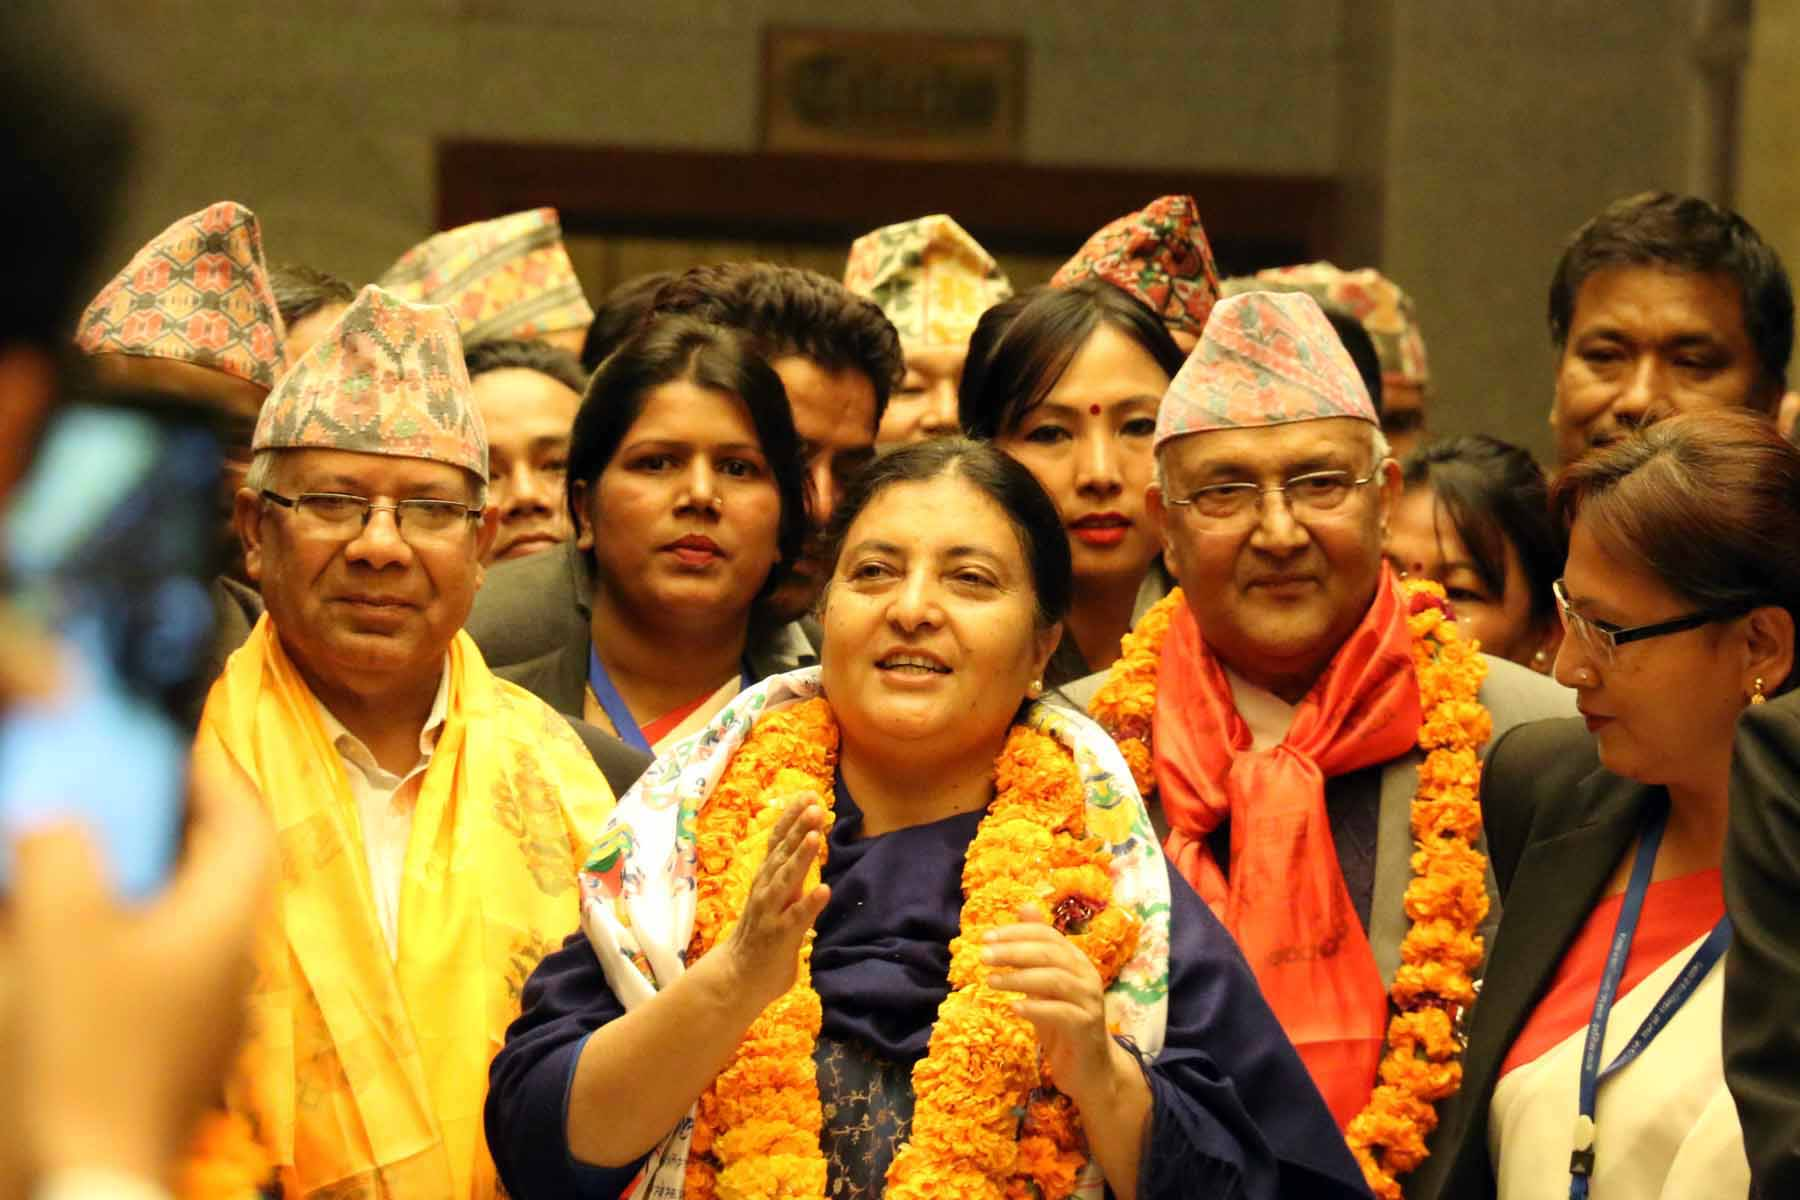 Dünya'da güzel şeyler de oluyor: Nepal'e komünist kadın başkan